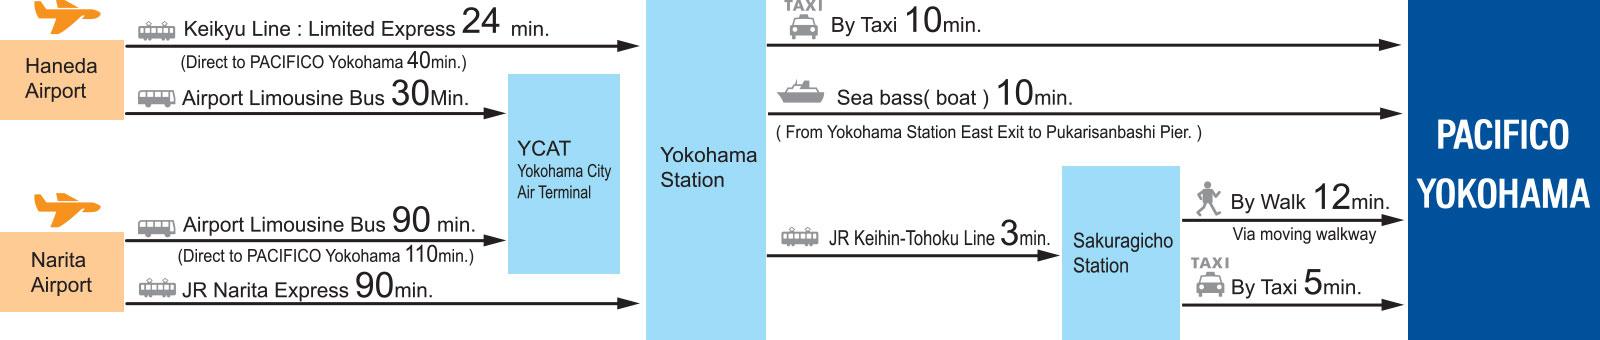 PACIFICO Yokohama Destination Access